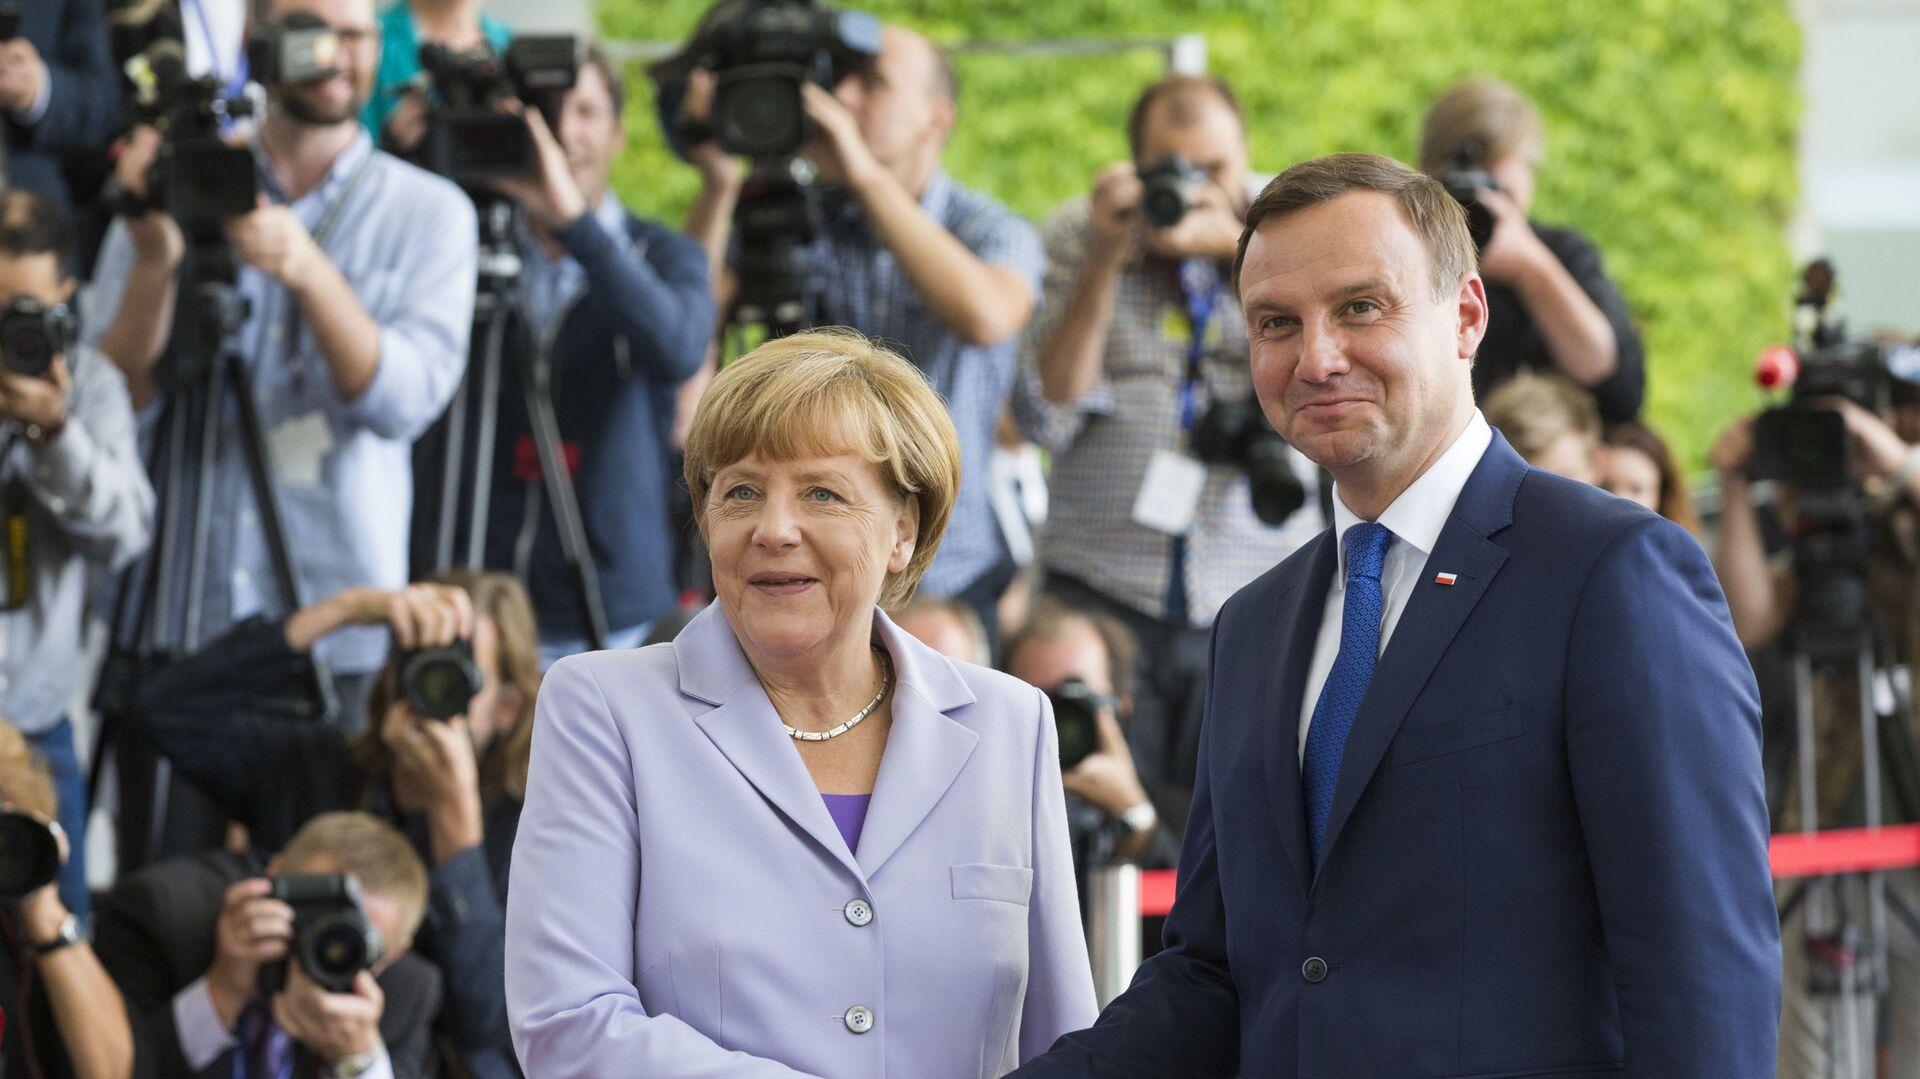 Kanclerz Niemiec Angela Merkel i prezydent Polski Andrzej Duda na spotkaniu w Berlinie, 28 sierpnia 2015 - Sputnik Polska, 1920, 10.09.2021